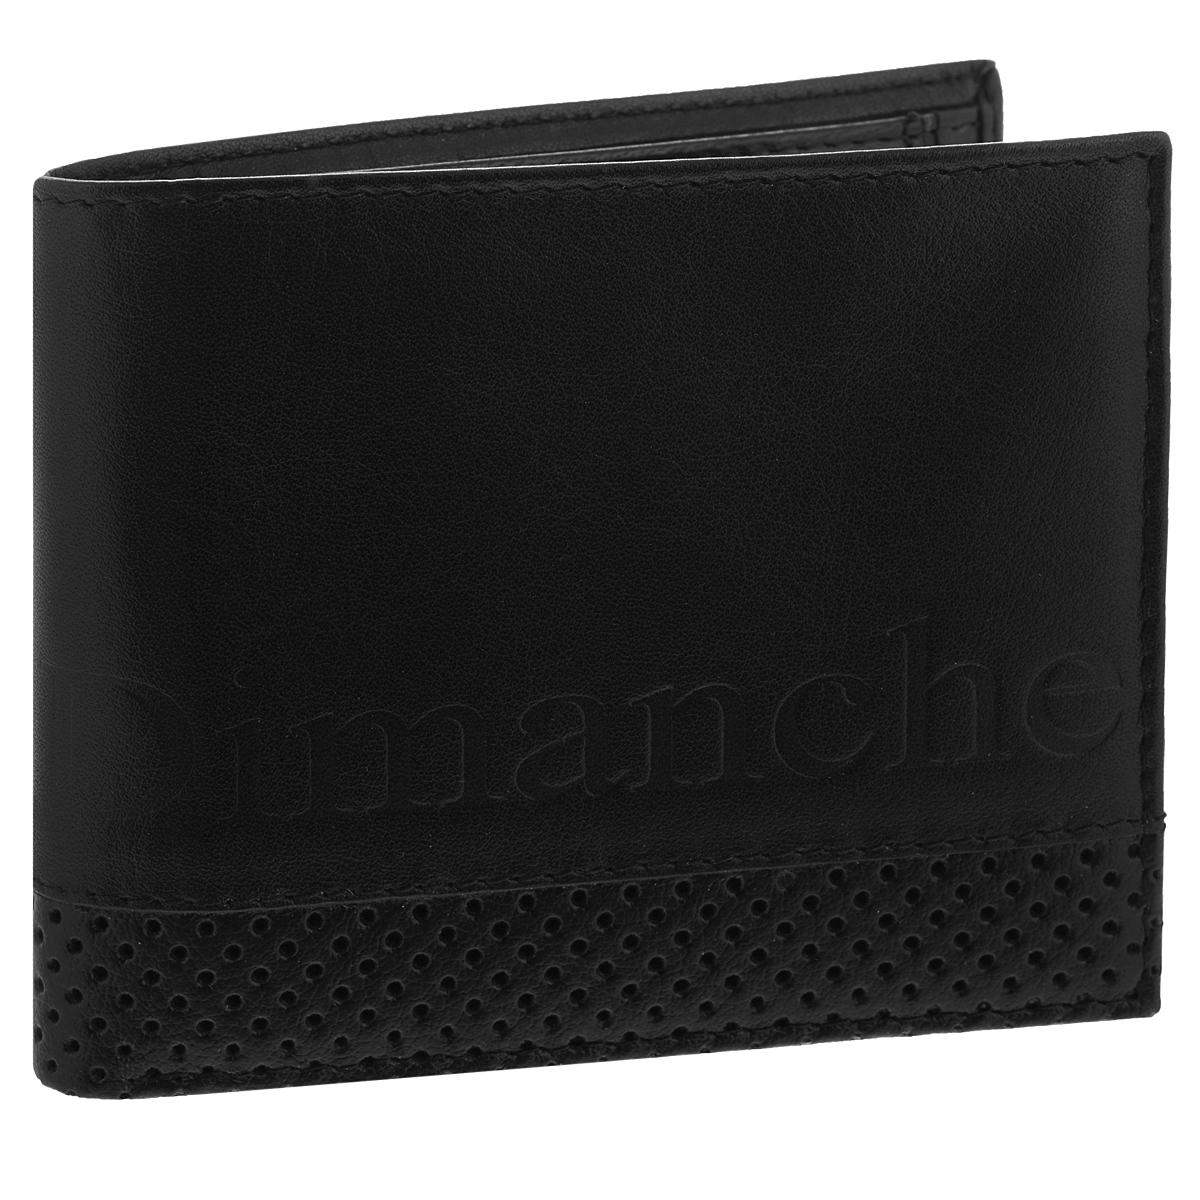 Портмоне мужское Dimanche Net, цвет: черный. 603603Портмоне Dimanche Net изготовлено из натуральной матовой кожи черного цвета и оформлено декоративной перфорацией. Внутри содержится два отделения для купюр, пять карманов для кредитных карт, потайной кармашек для мелких бумаг, кармашек для сим-карты и объемный карман для мелочи, который закрывается клапаном на кнопку. Стильное портмоне отлично дополнит ваш образ и станет незаменимым аксессуаром на каждый день. Упаковано в фирменную картонную коробку.